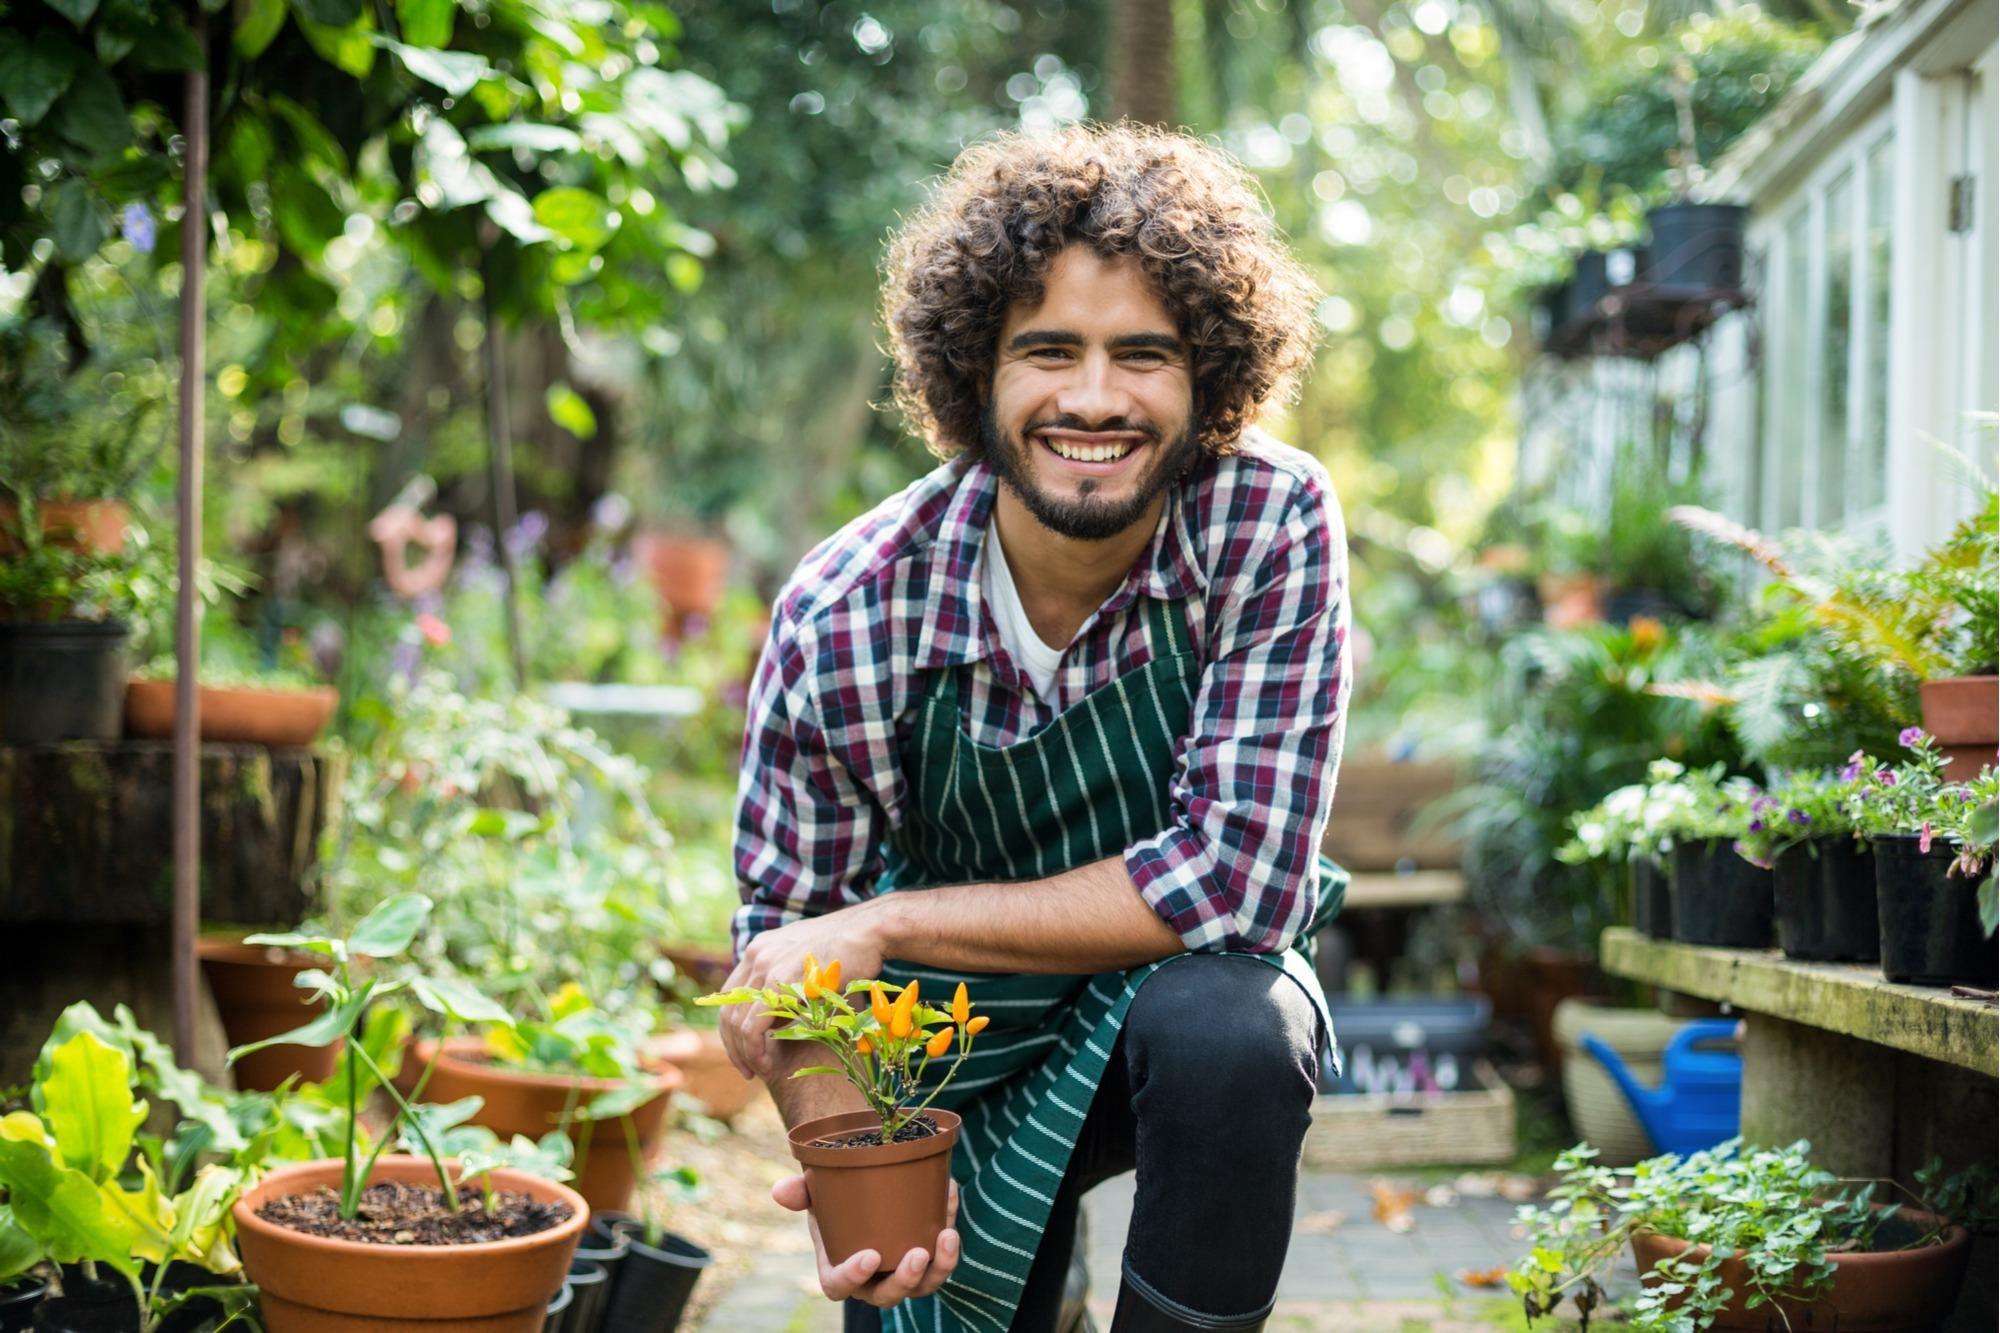 knee pain gardening tips